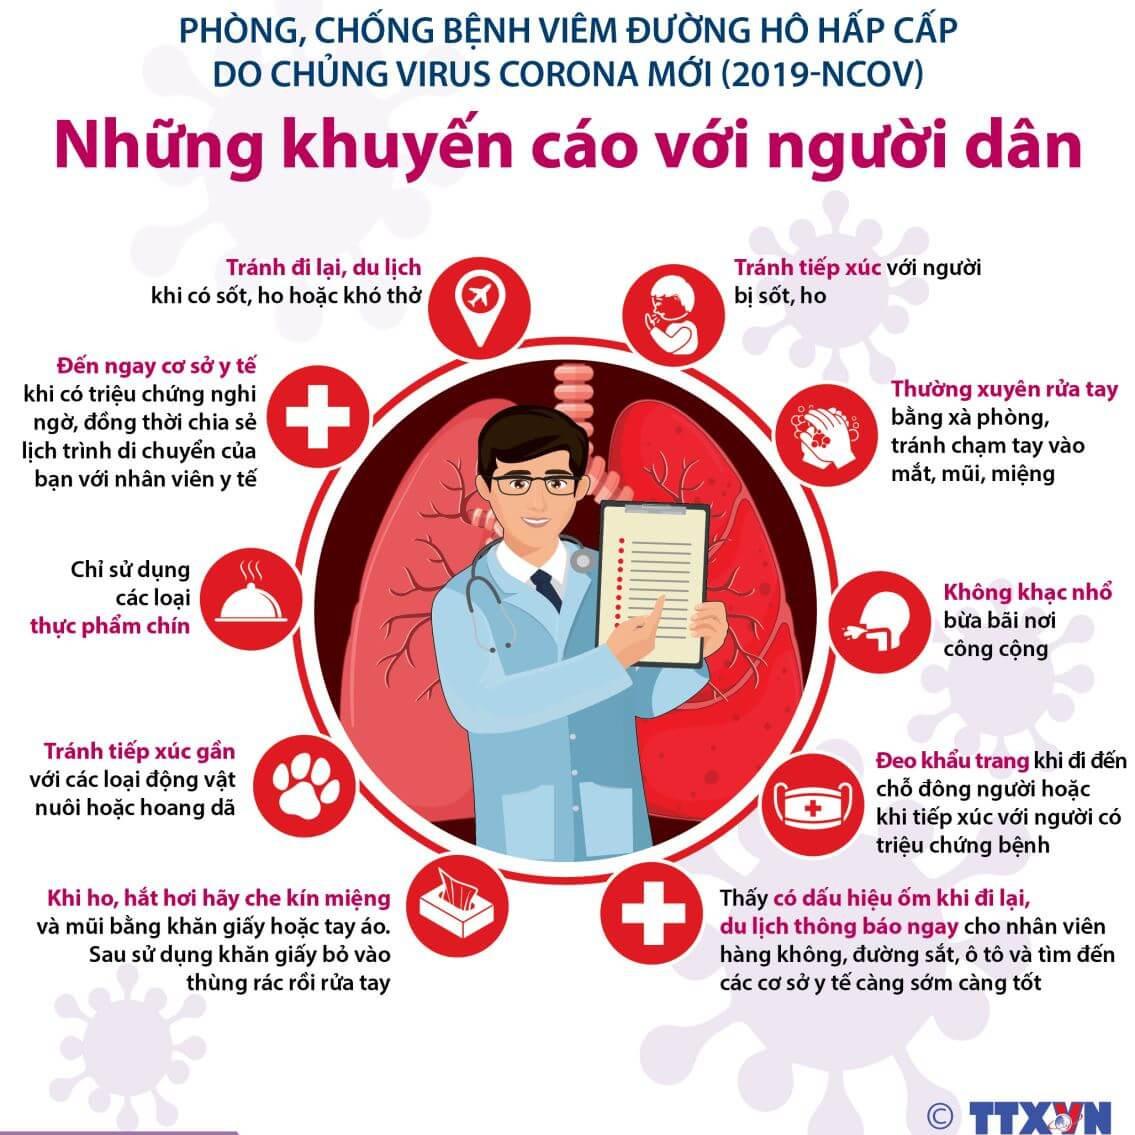 【BỘ Y TẾ】 Cẩm nang 10 câu hỏi đáp để chủ động phòng chống dịch bệnh viêm đường hô hấp cấp do virus Corona mới